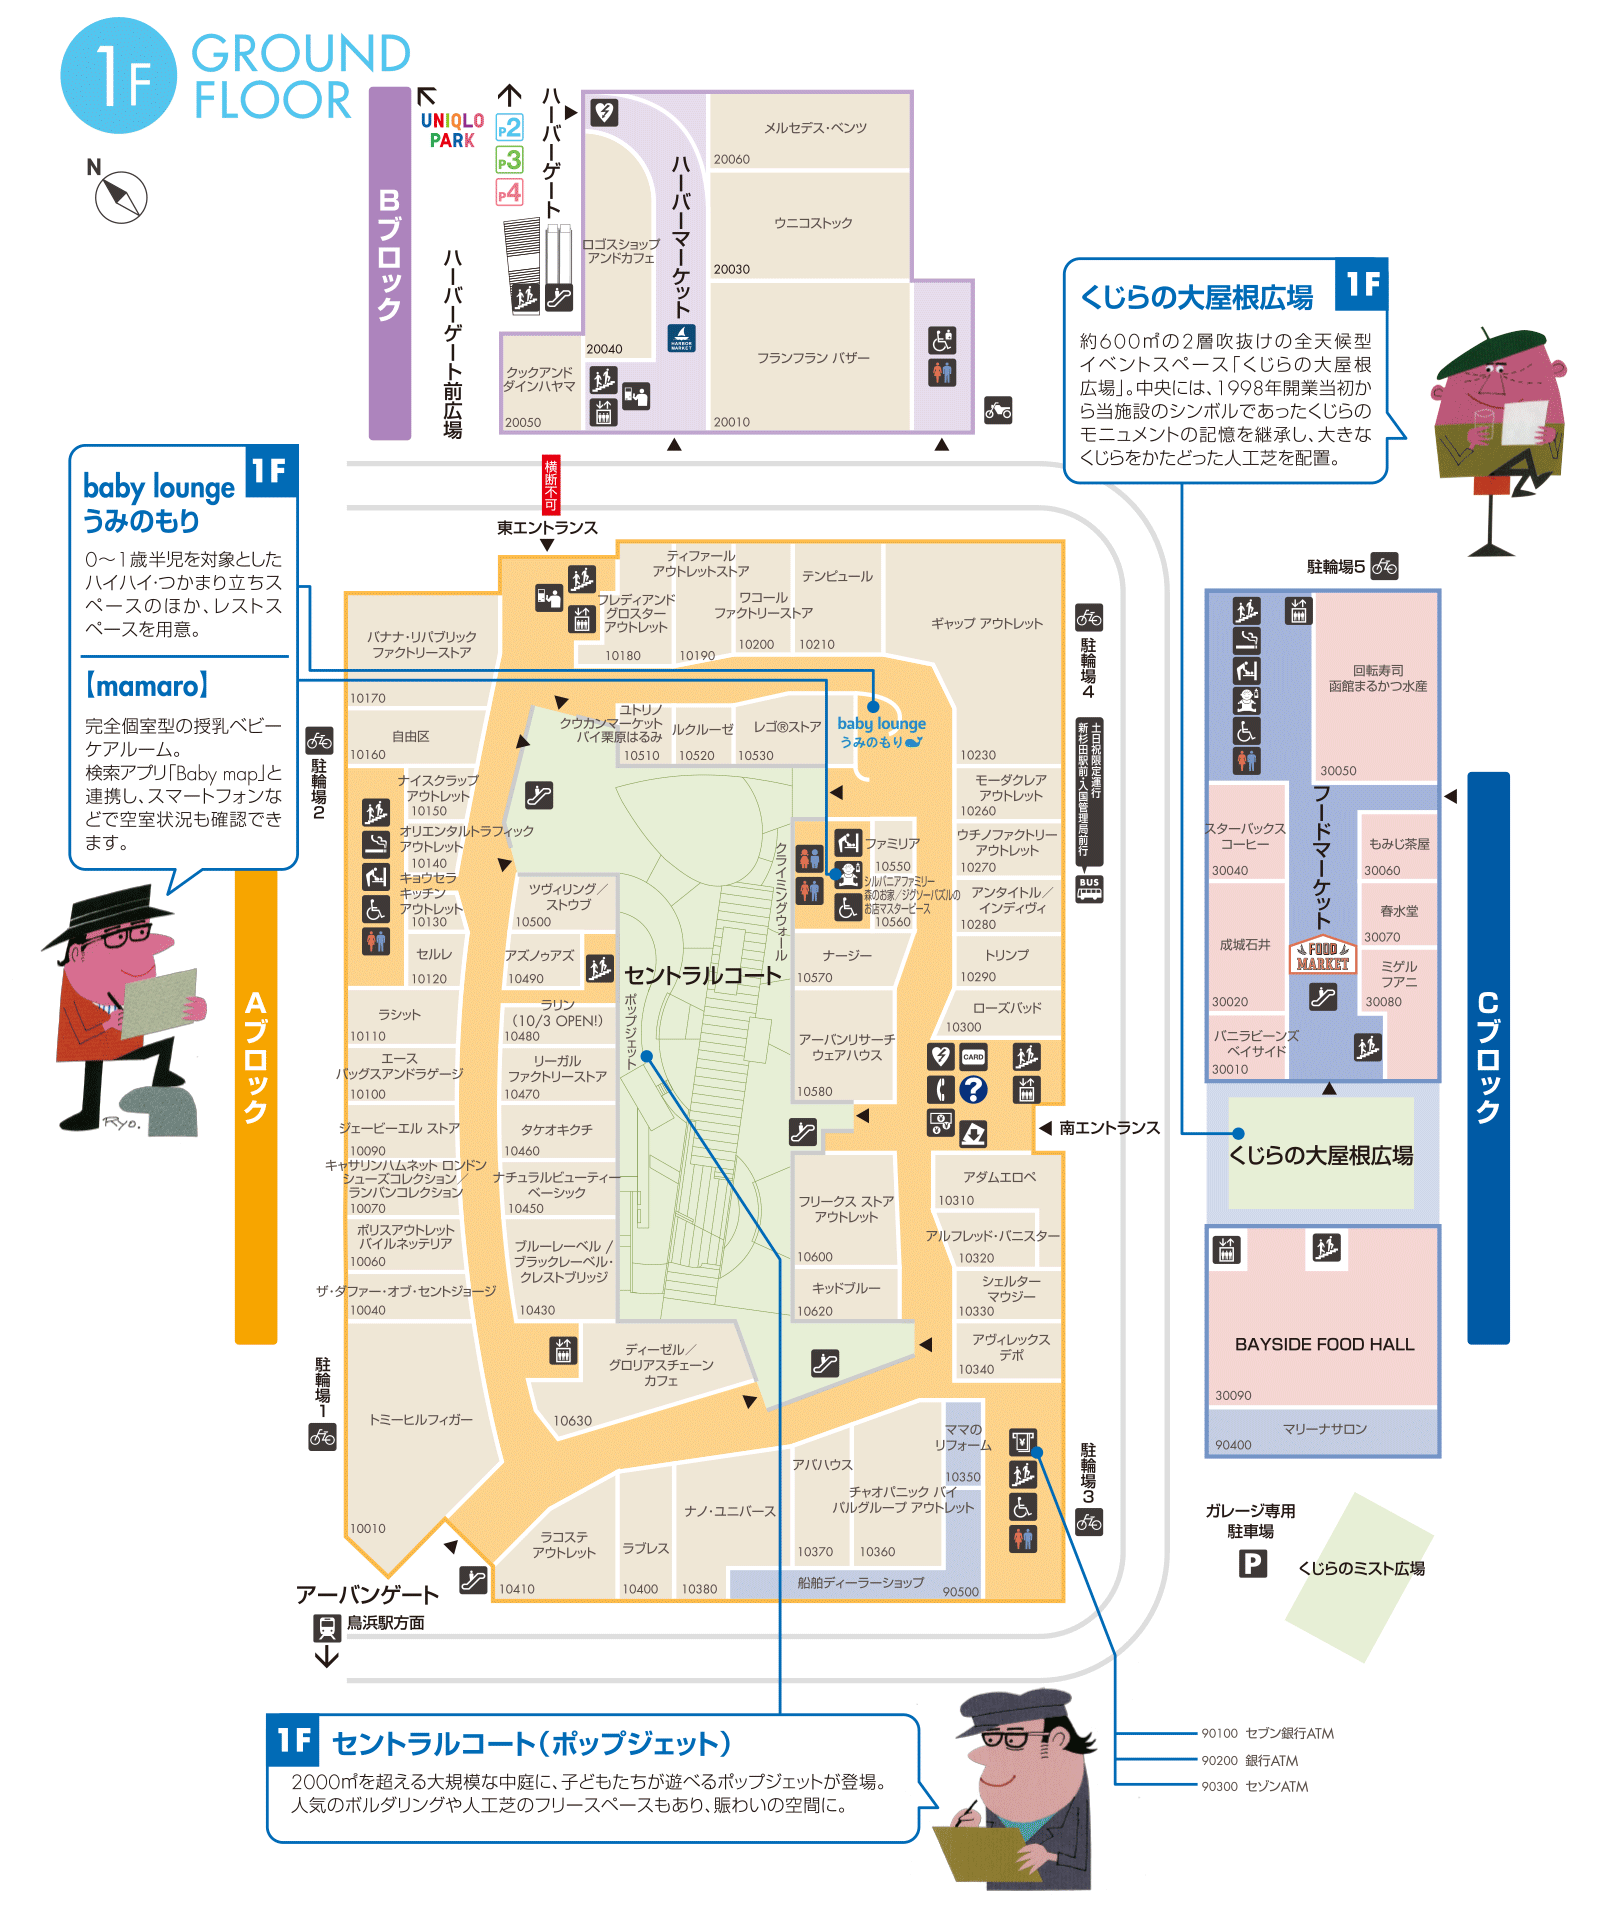 横浜ベイサイド 1F GROUND FLOOR